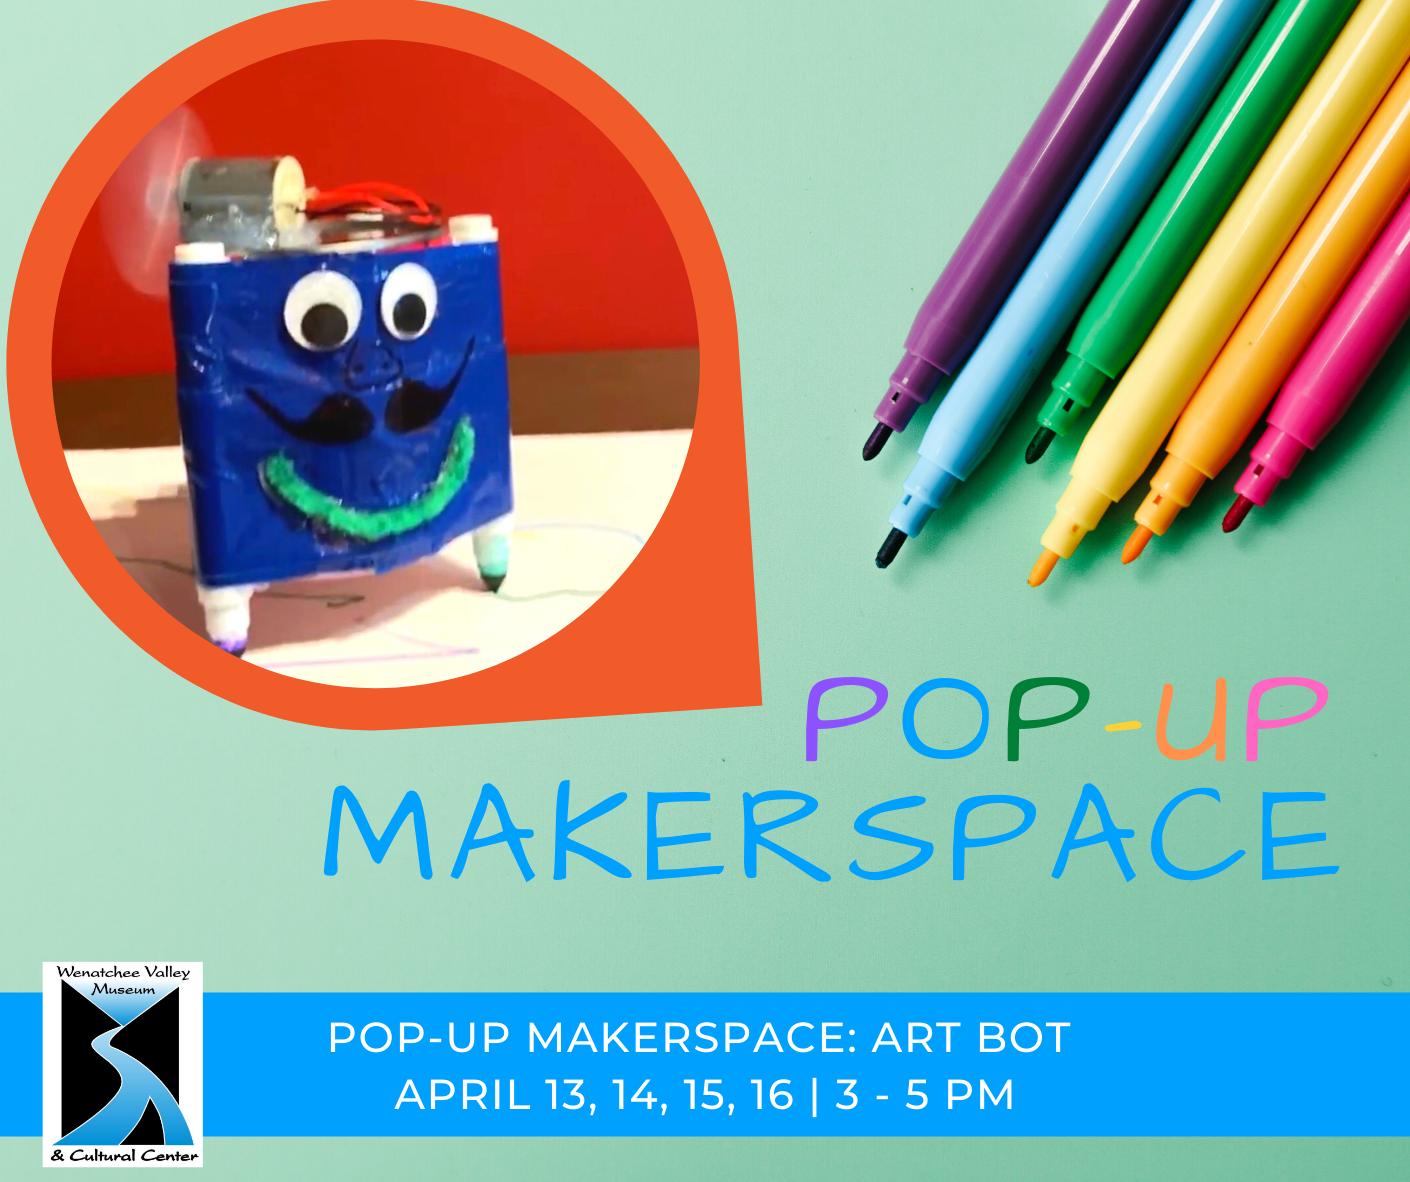 Pop-up MakerSpace: Art Bot